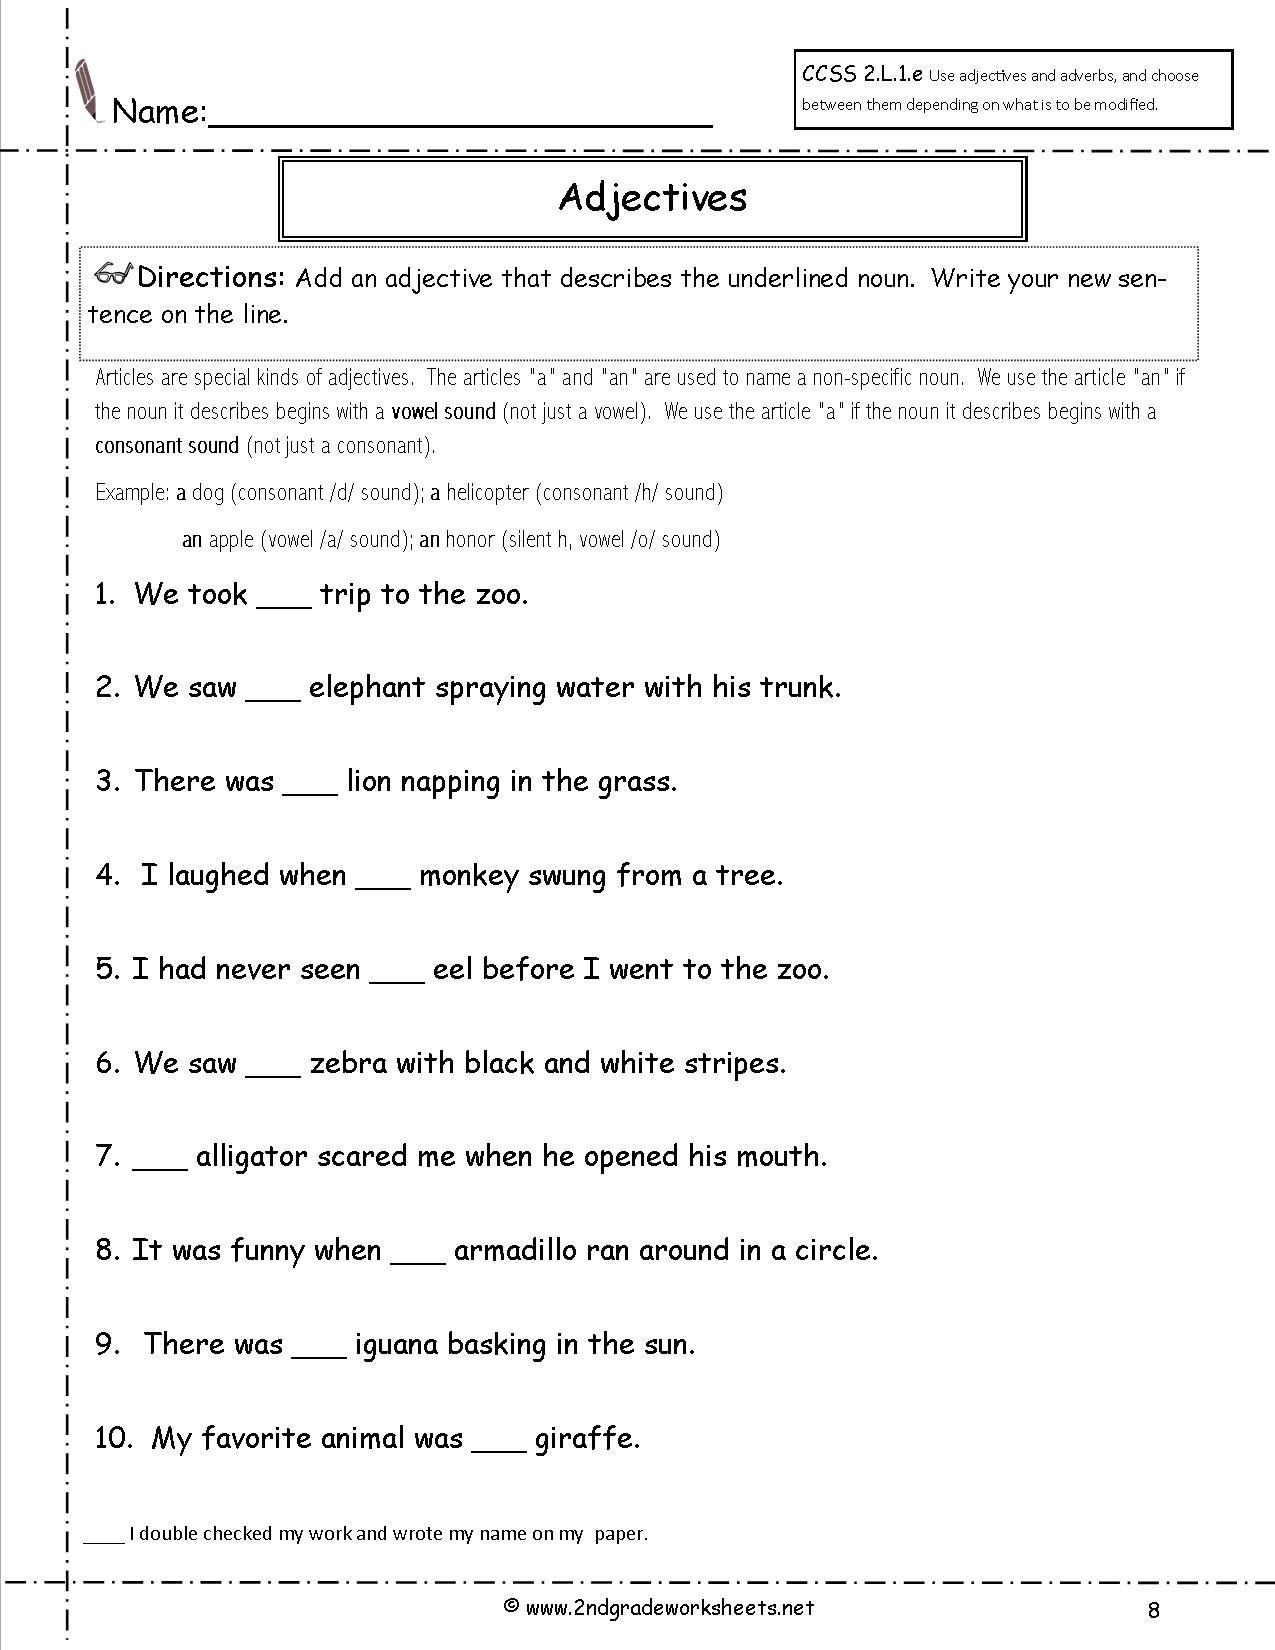 33 English Worksheet For Grade 2 Worksheet Project List